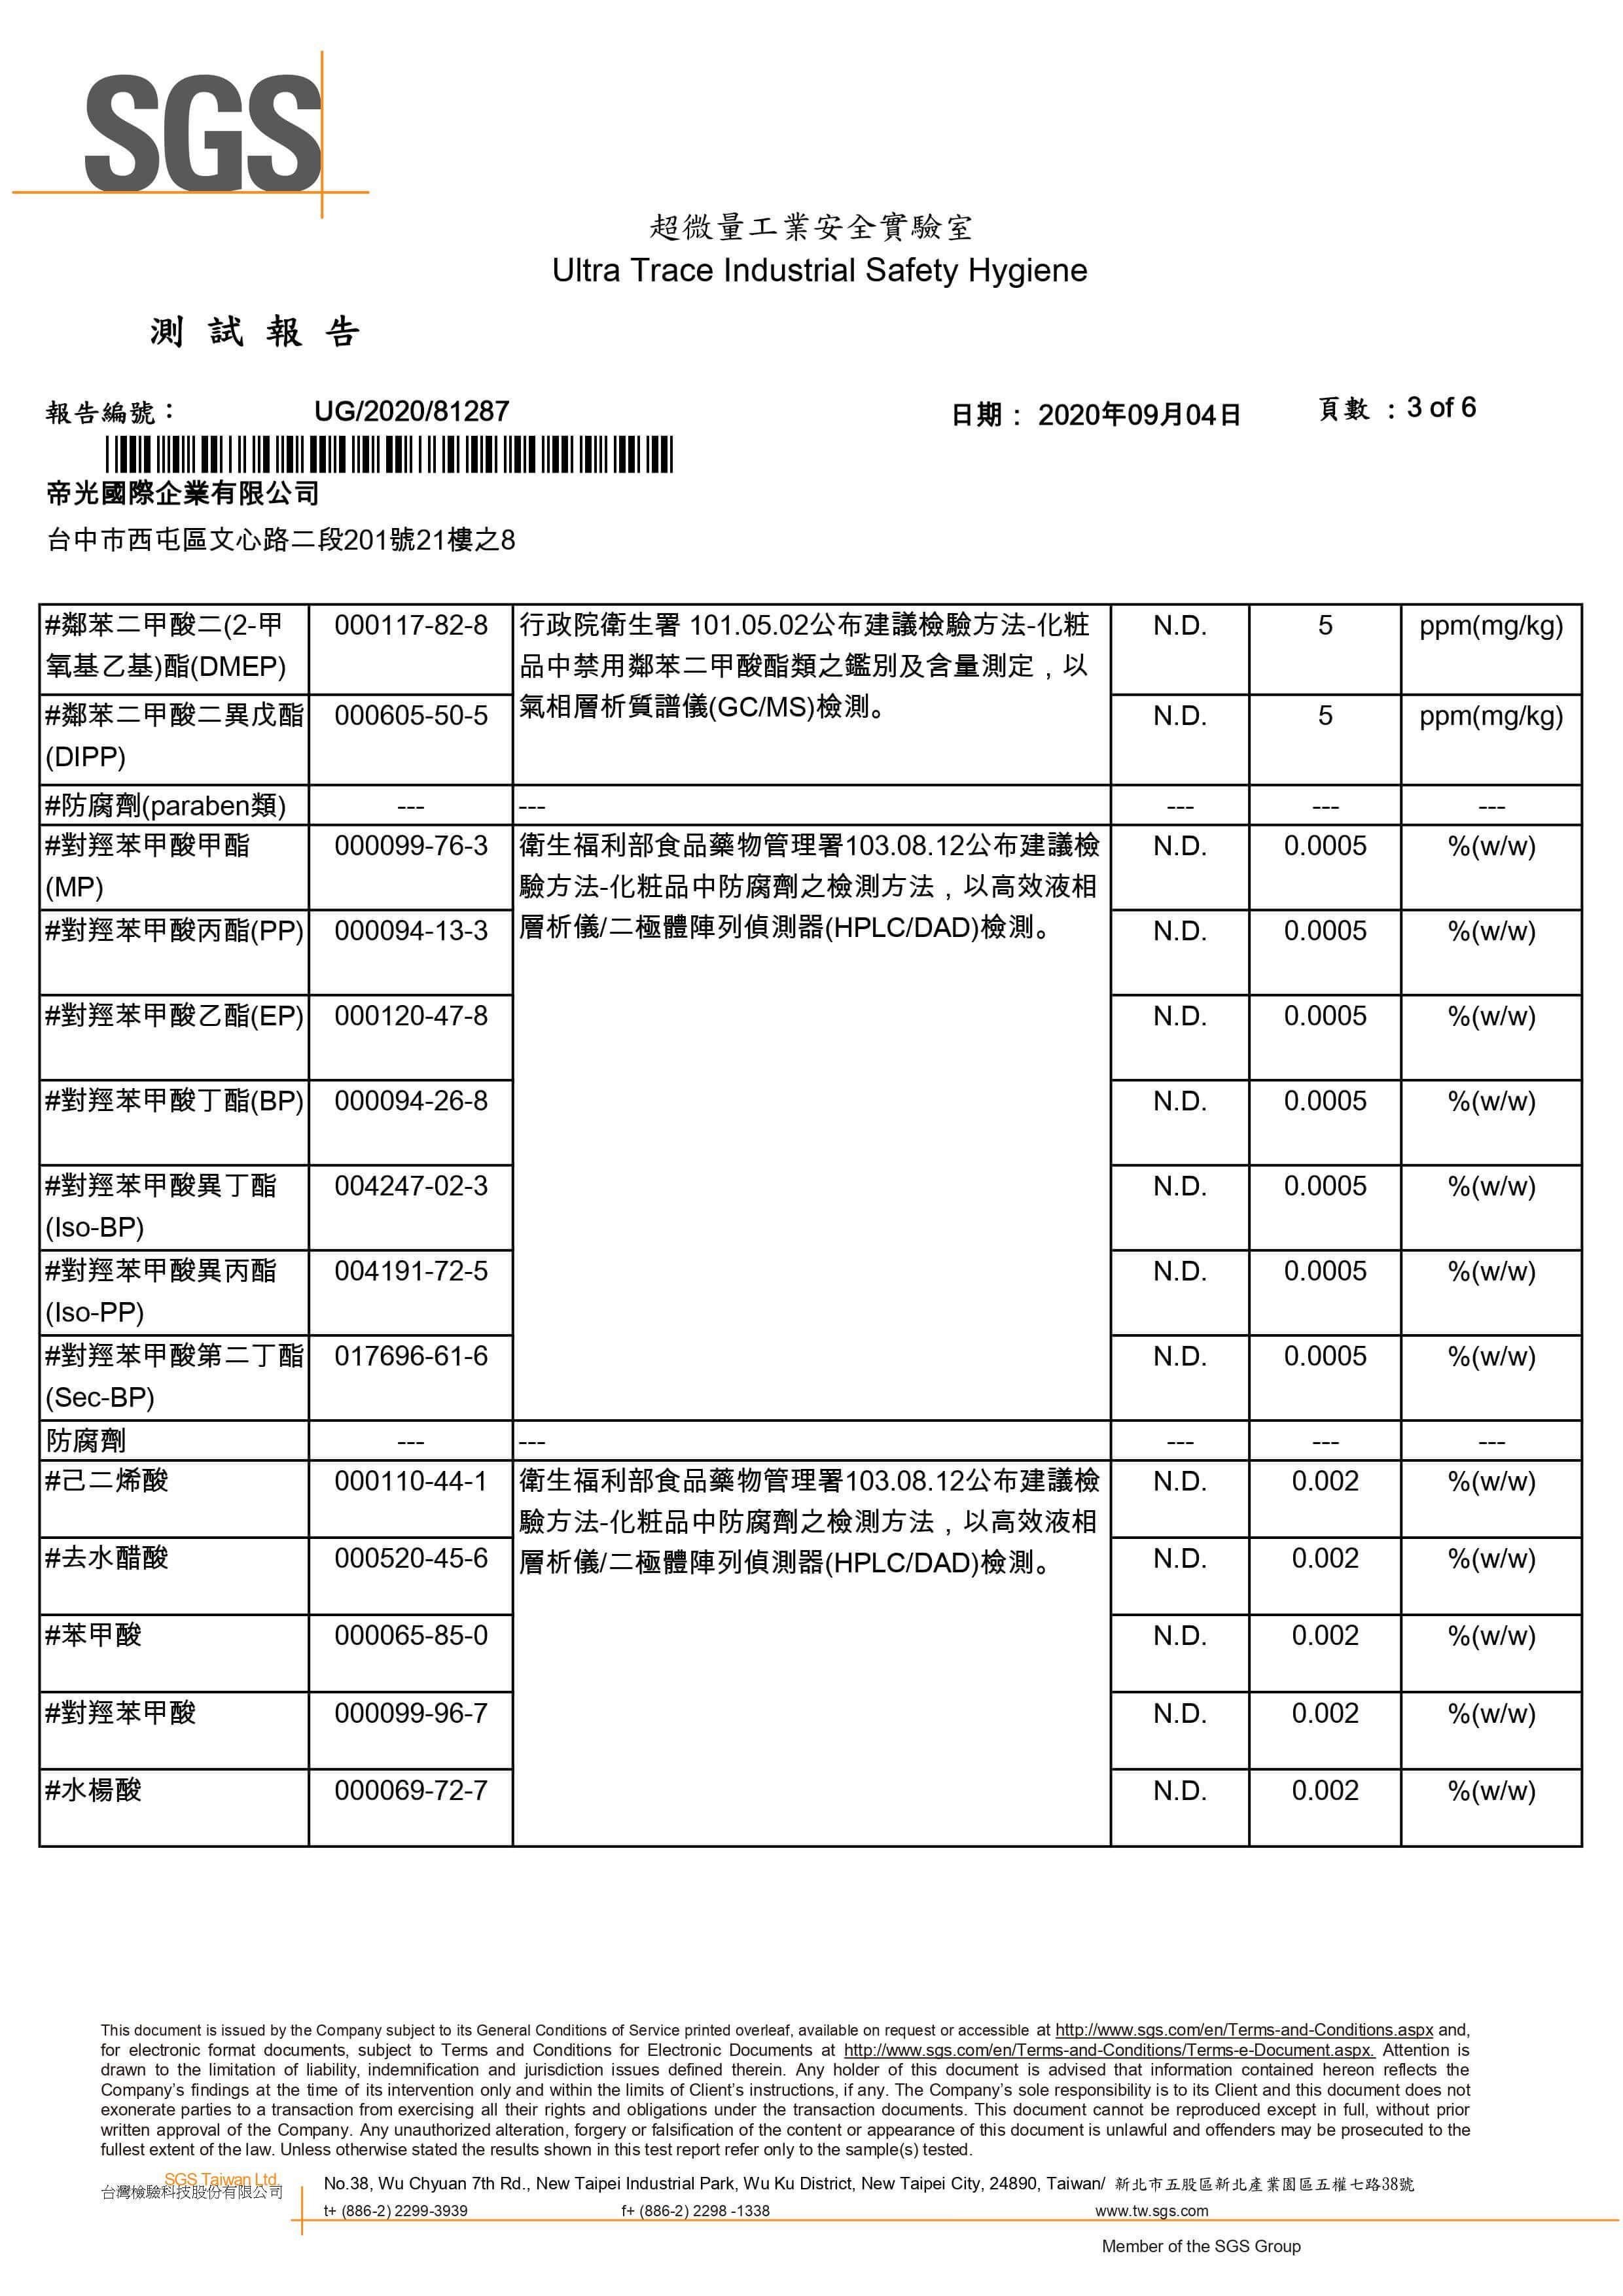 SGS檢驗報告 No.1 p3-5